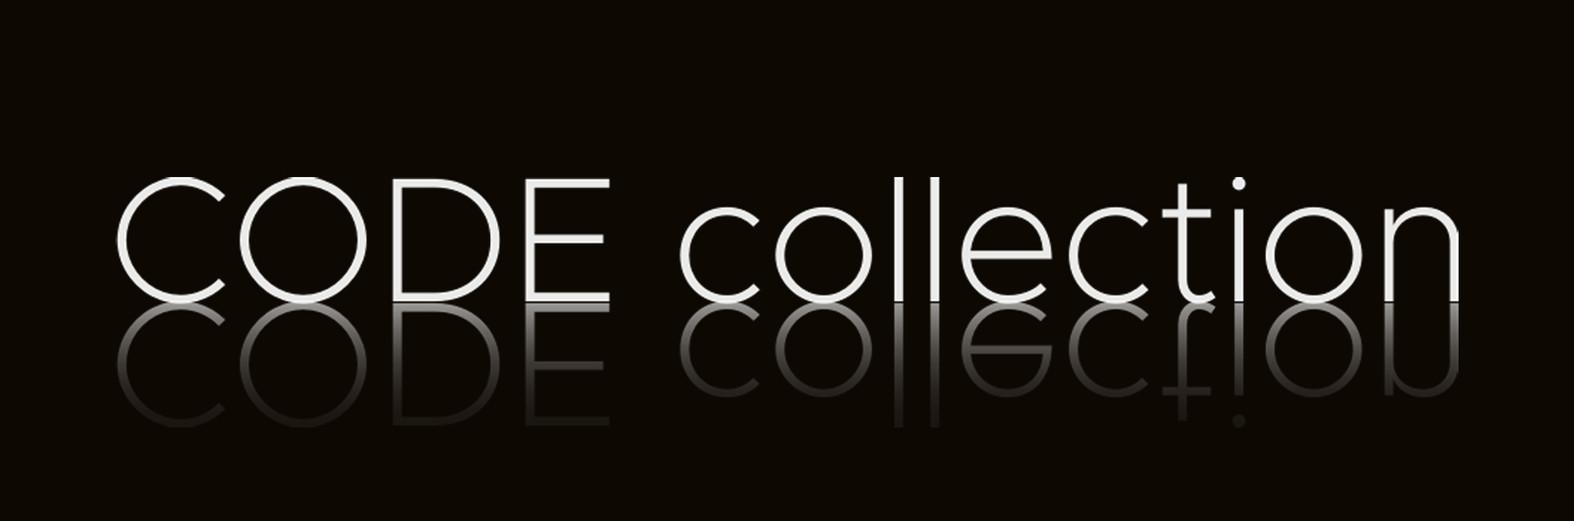 CODE_SLIDE_001.jpg